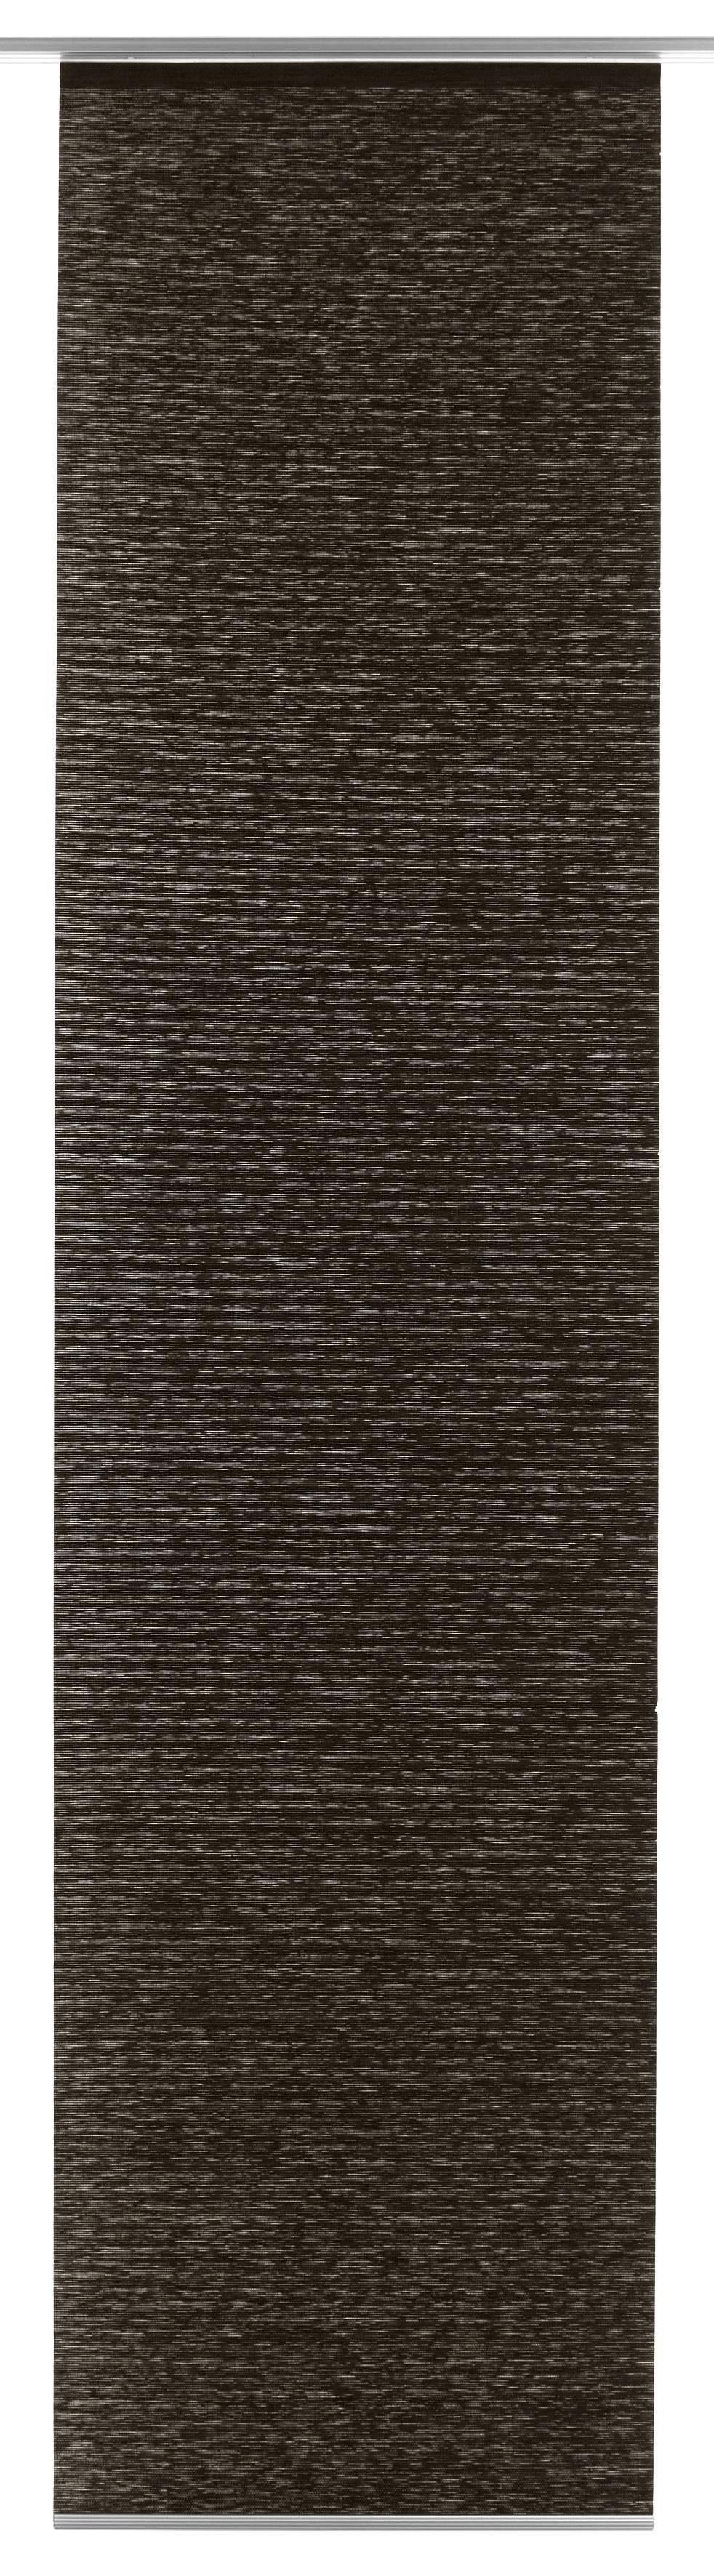 Erstaunlich Schiebegardinen blickdicht kaufen » Schiebevorhänge | OTTO KA51